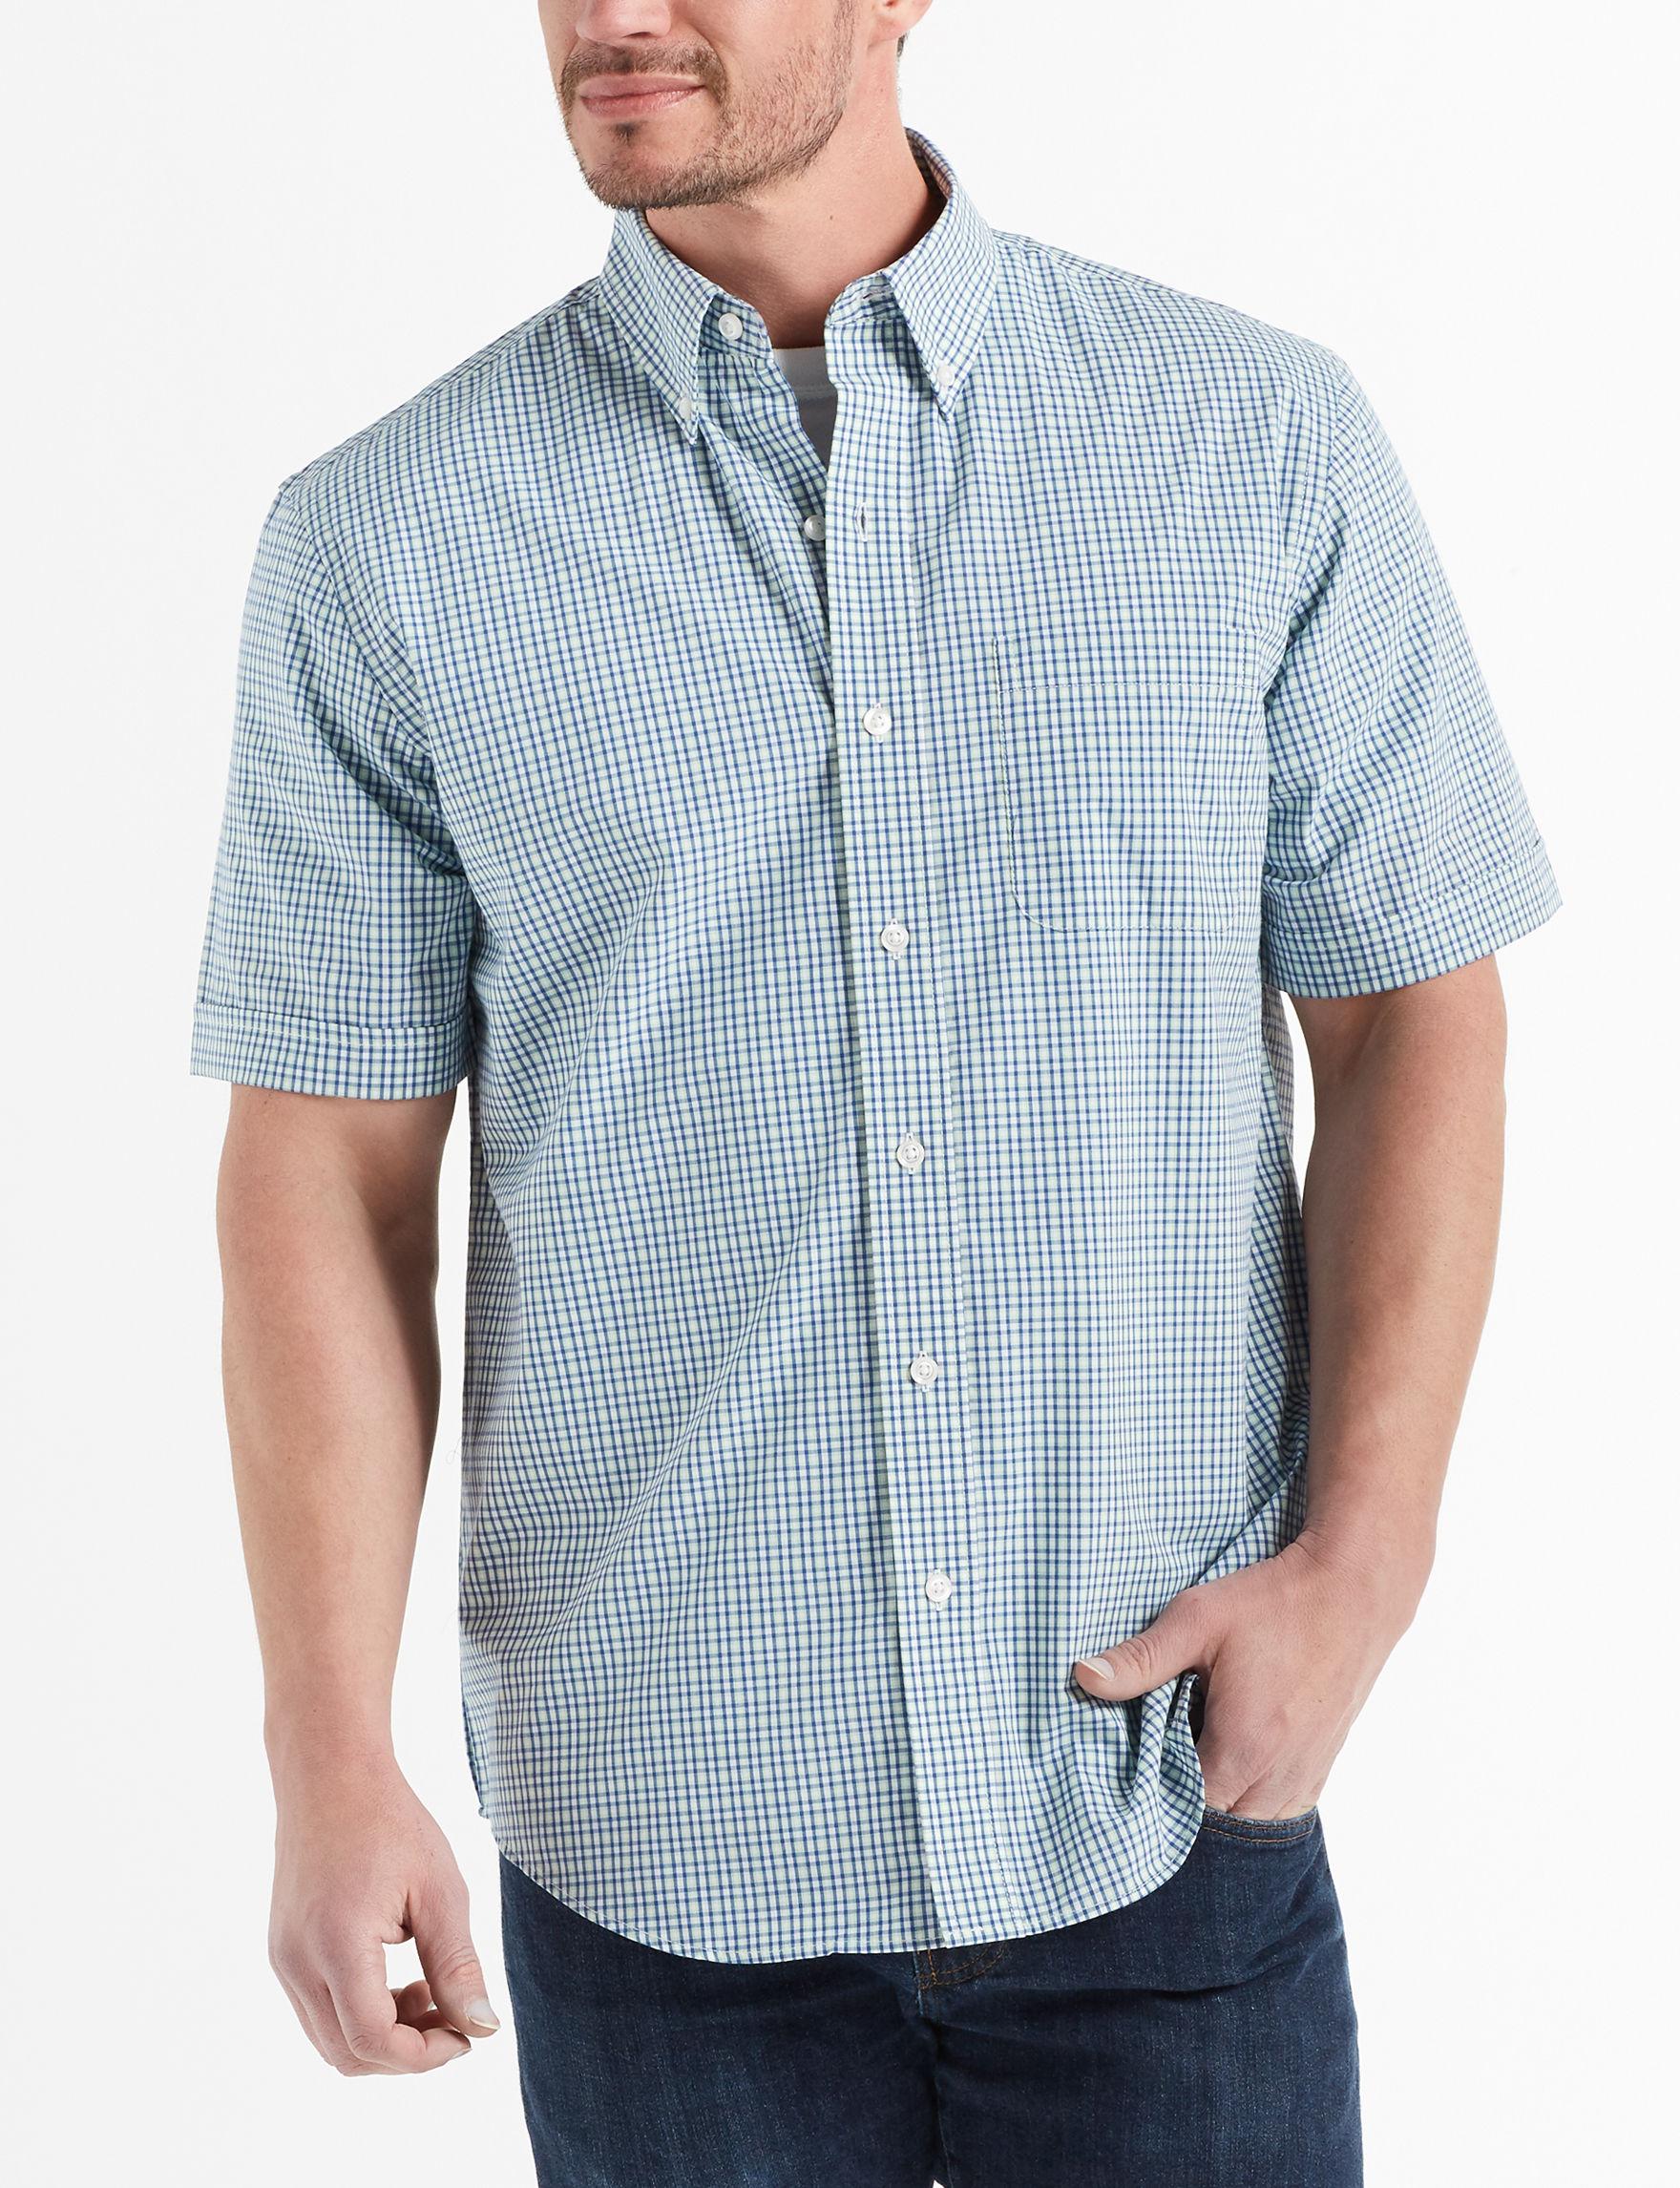 Arrow Blue / Plaid Casual Button Down Shirts